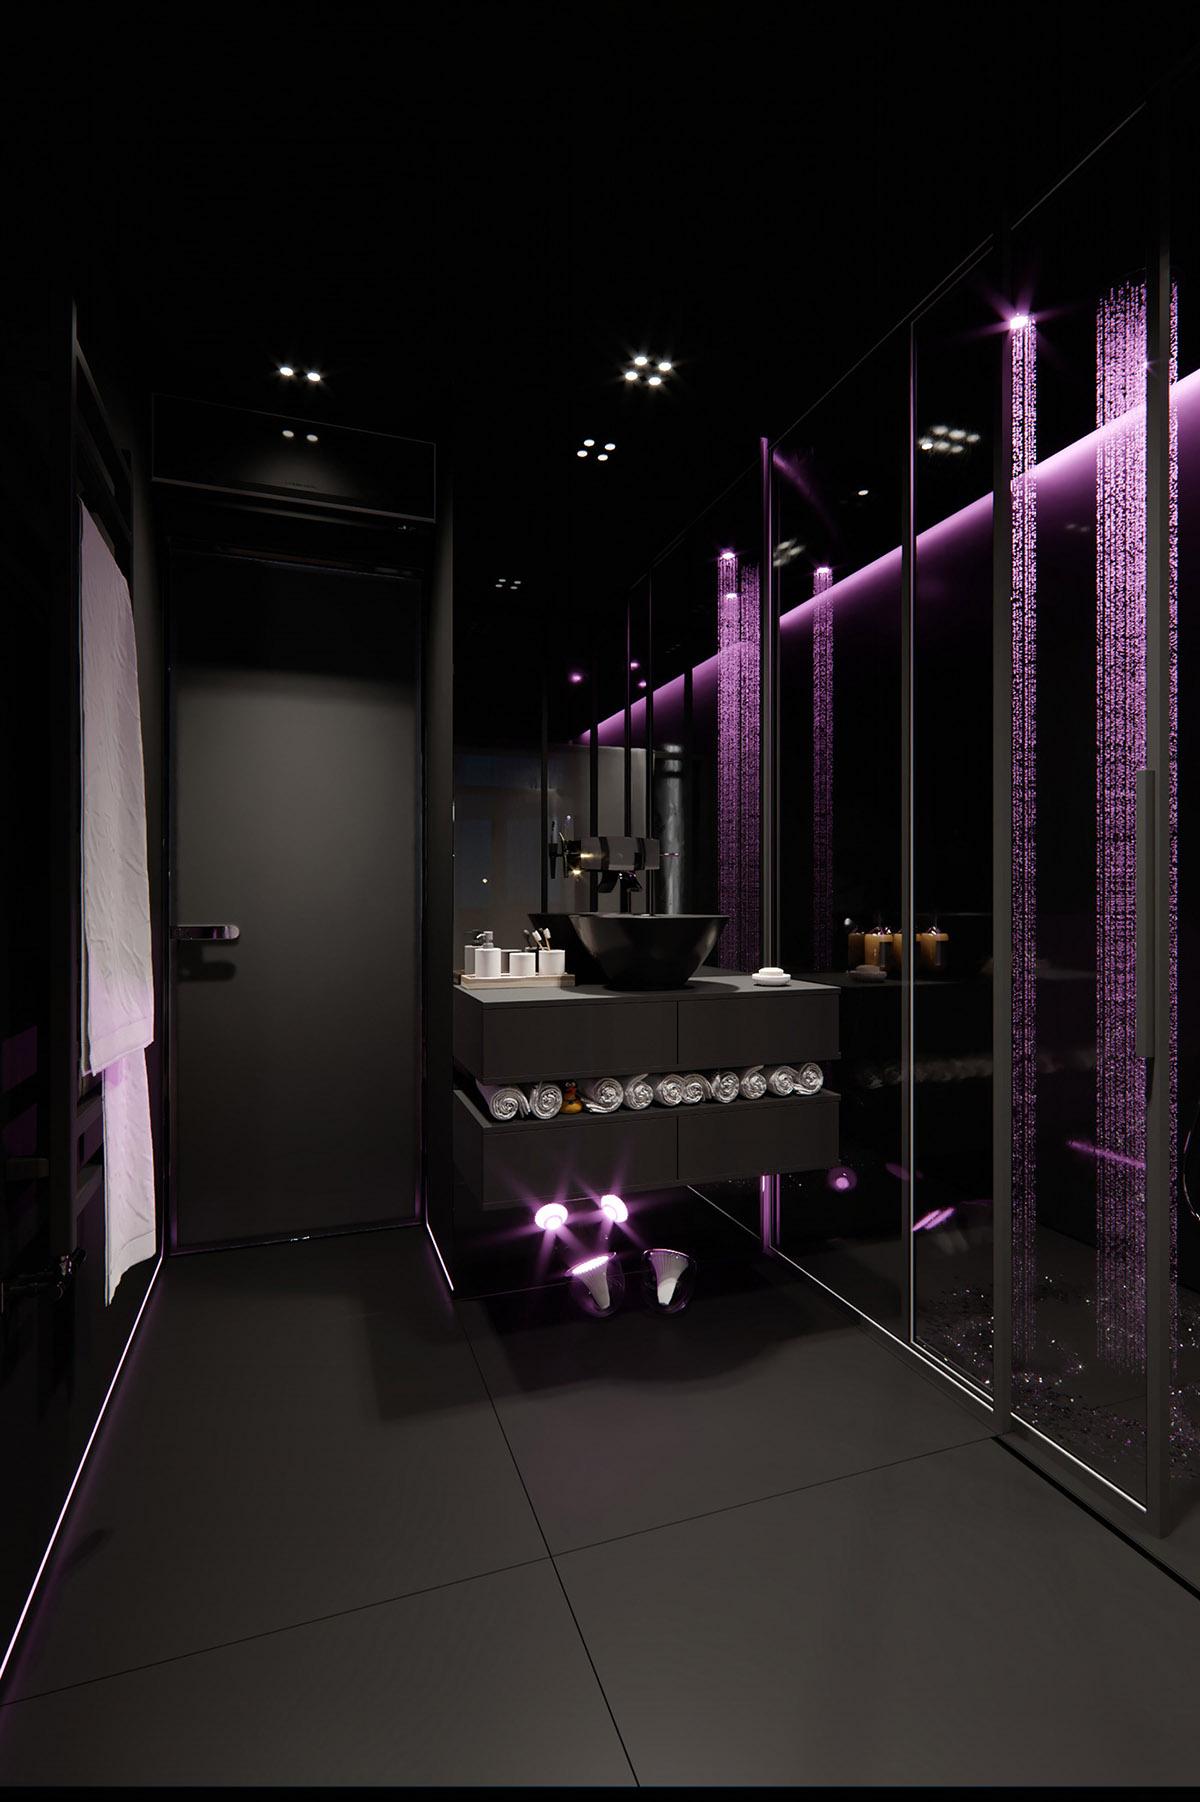 Sử Dụng Tông Màu Tối Để Làm Nổi Bật Căn Phòng Thêm Phần Sang Trọng - Bathroom lights